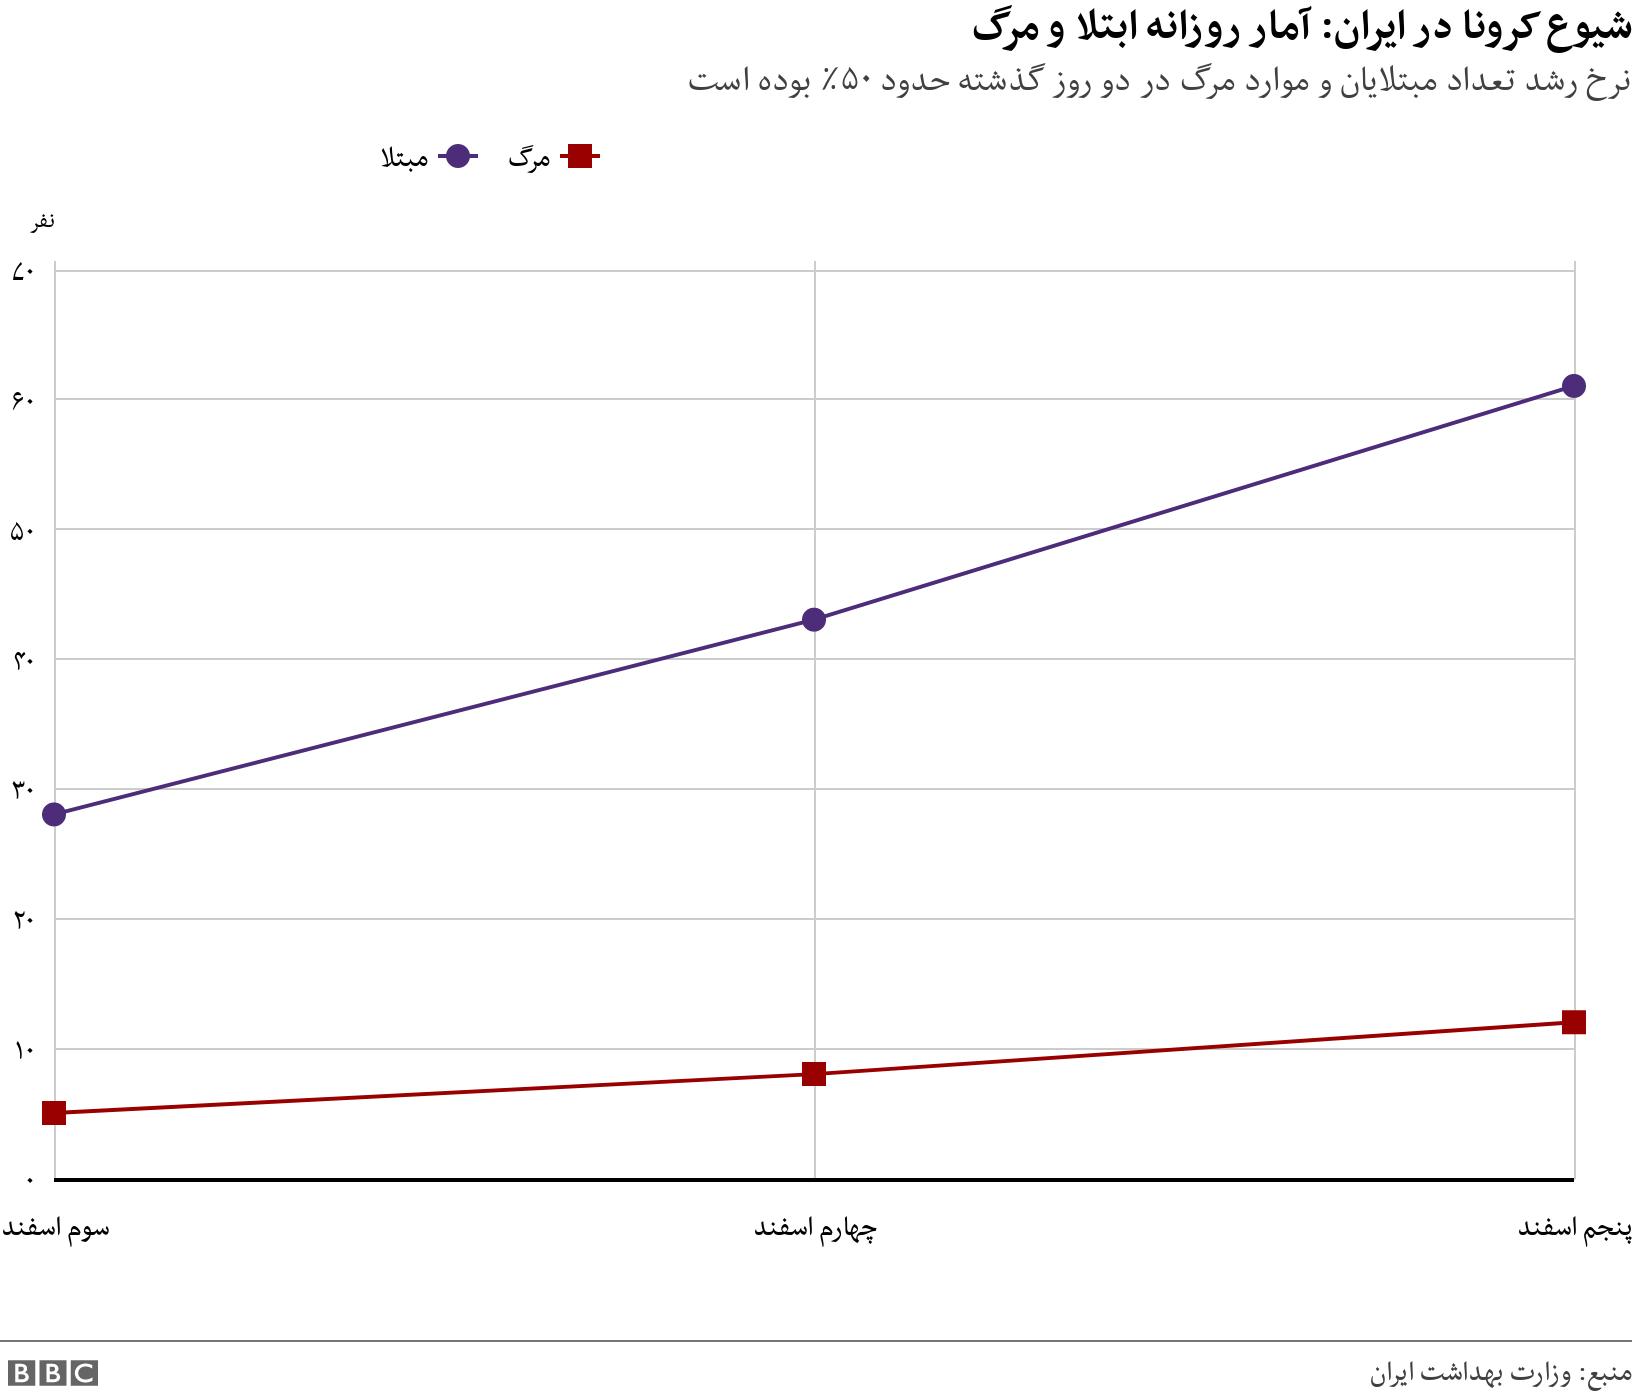 شیوع کرونا در ایران: آمار روزانه ابتلا و مرگ. نرخ رشد تعداد مبتلایان و موارد مرگ در دو روز گذشته حدود ۵۰٪ بوده است.  .